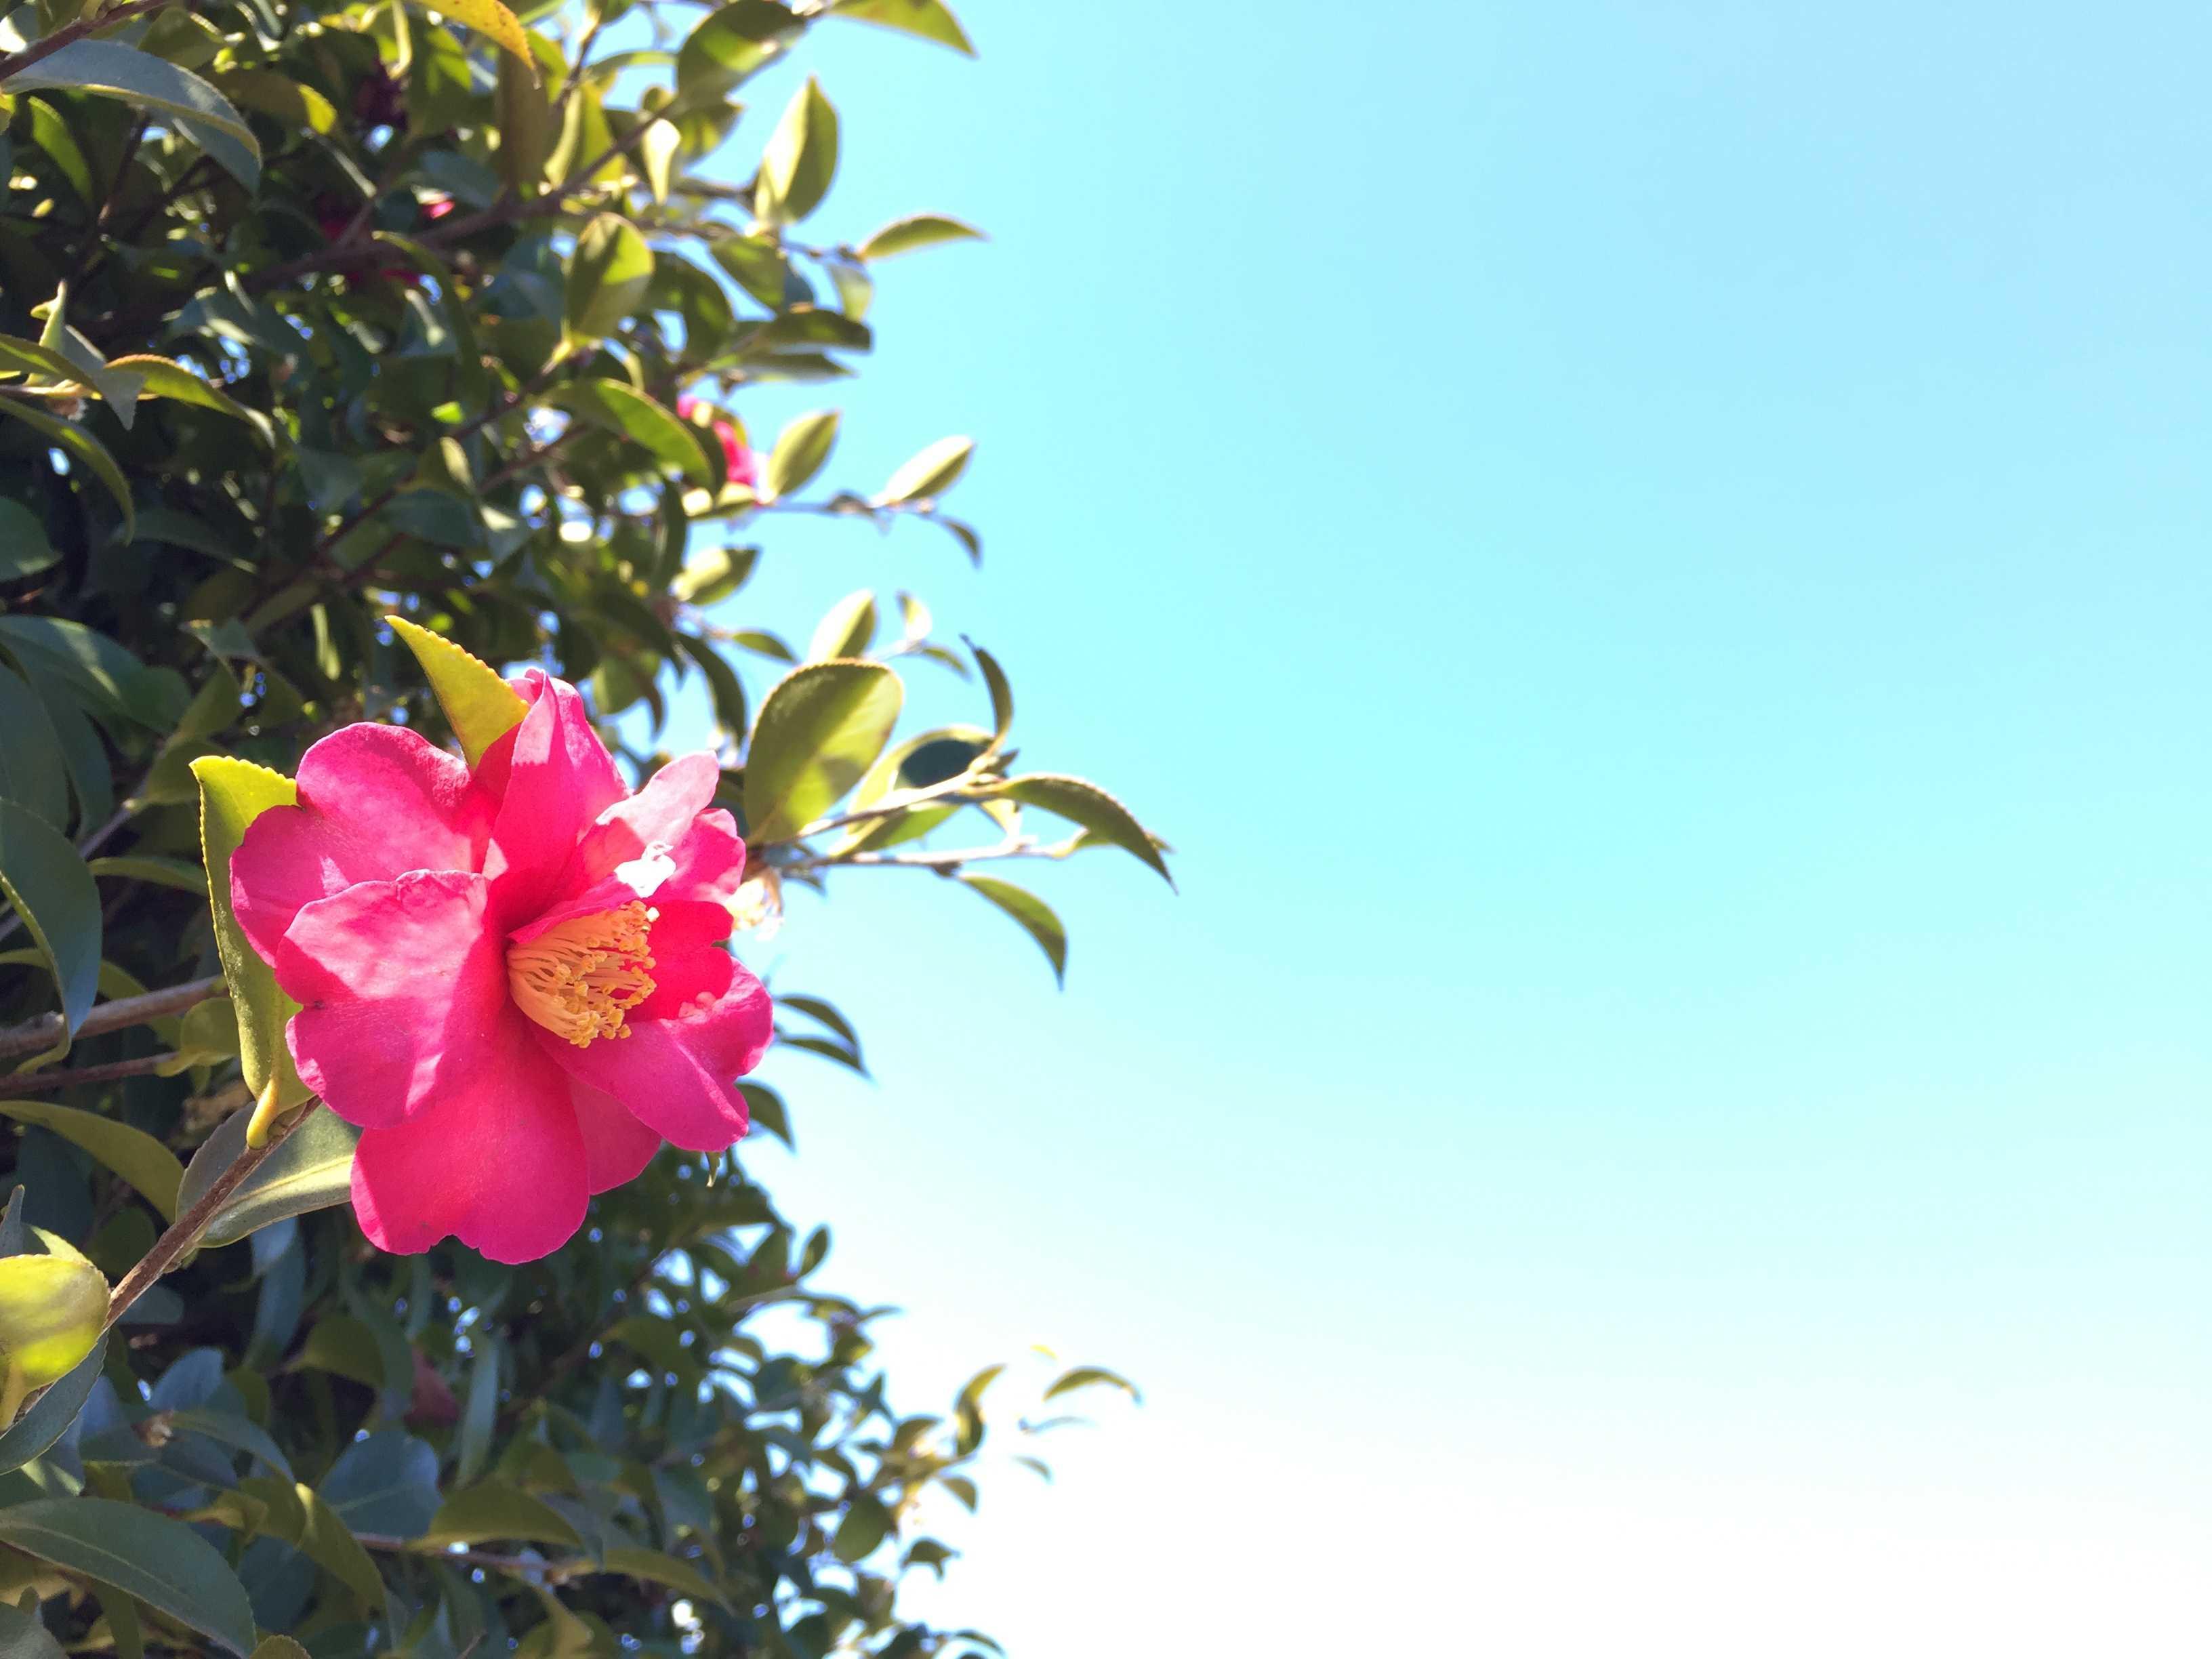 紅い山茶花(サザンカ)と冬の青く晴れた空